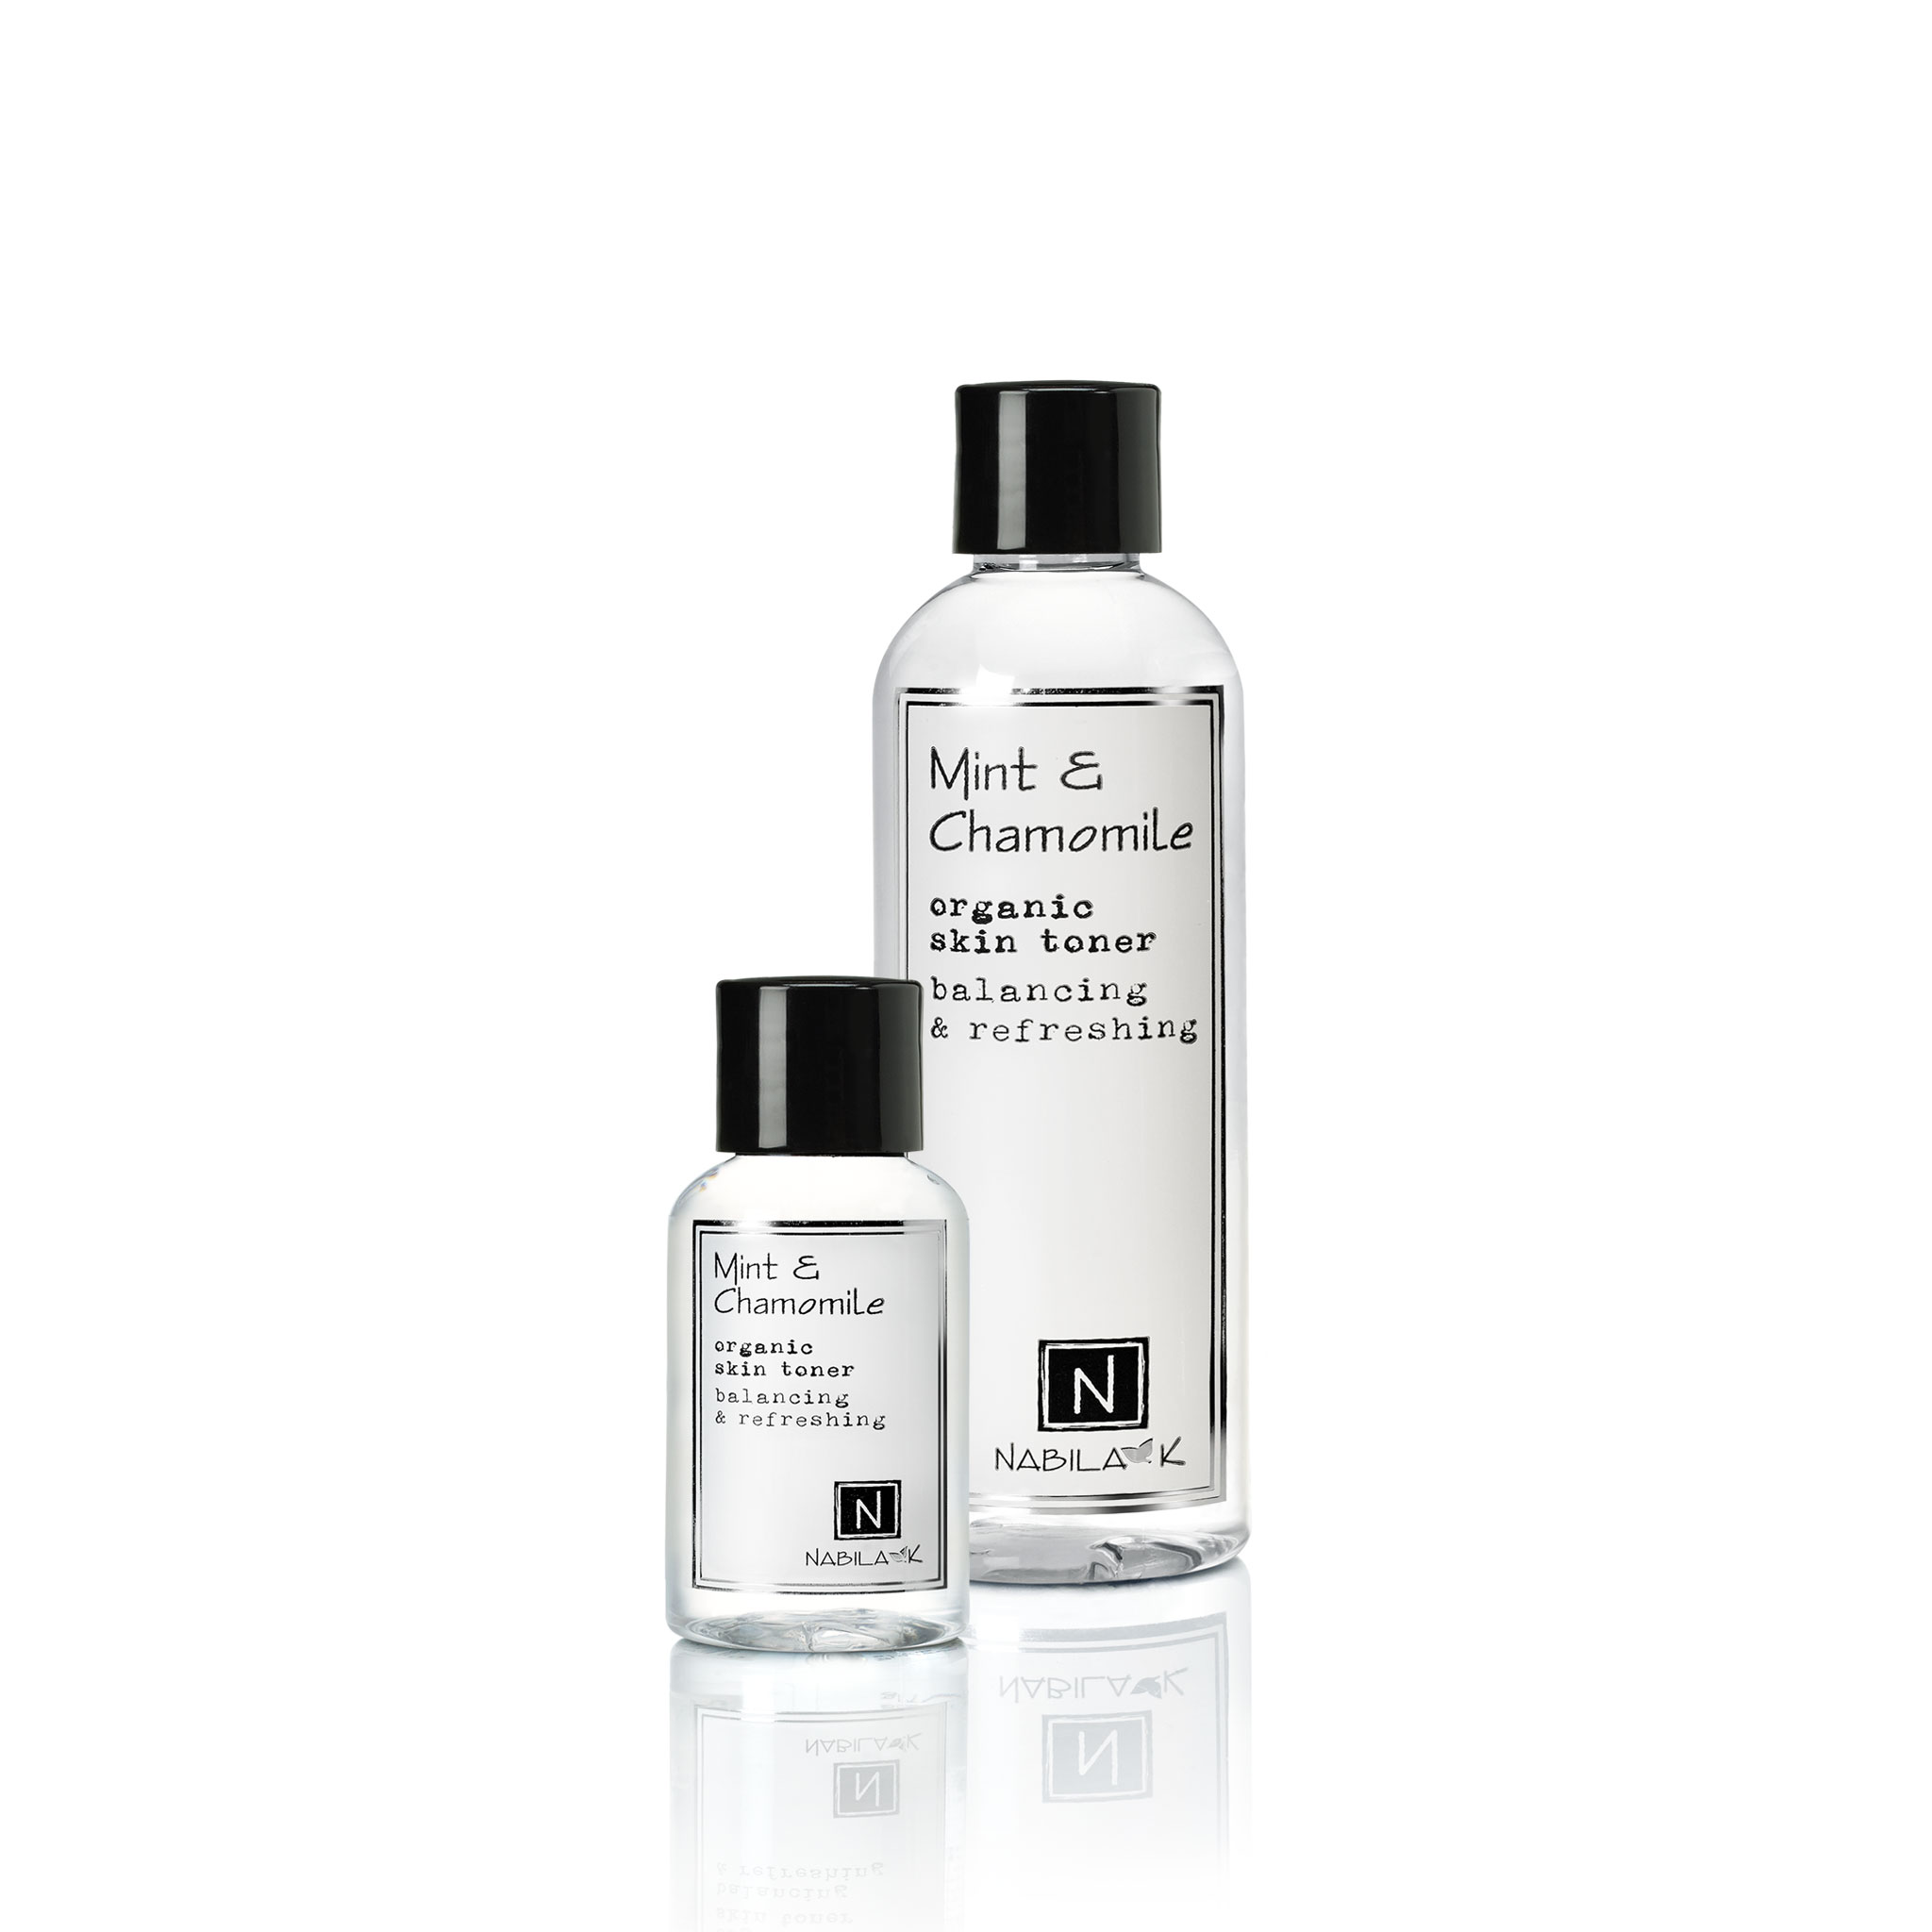 9oz and 2.4oz bottle of Nabila K's Mint and Chamomile Organic Skin Toner Balancing and Refreshing